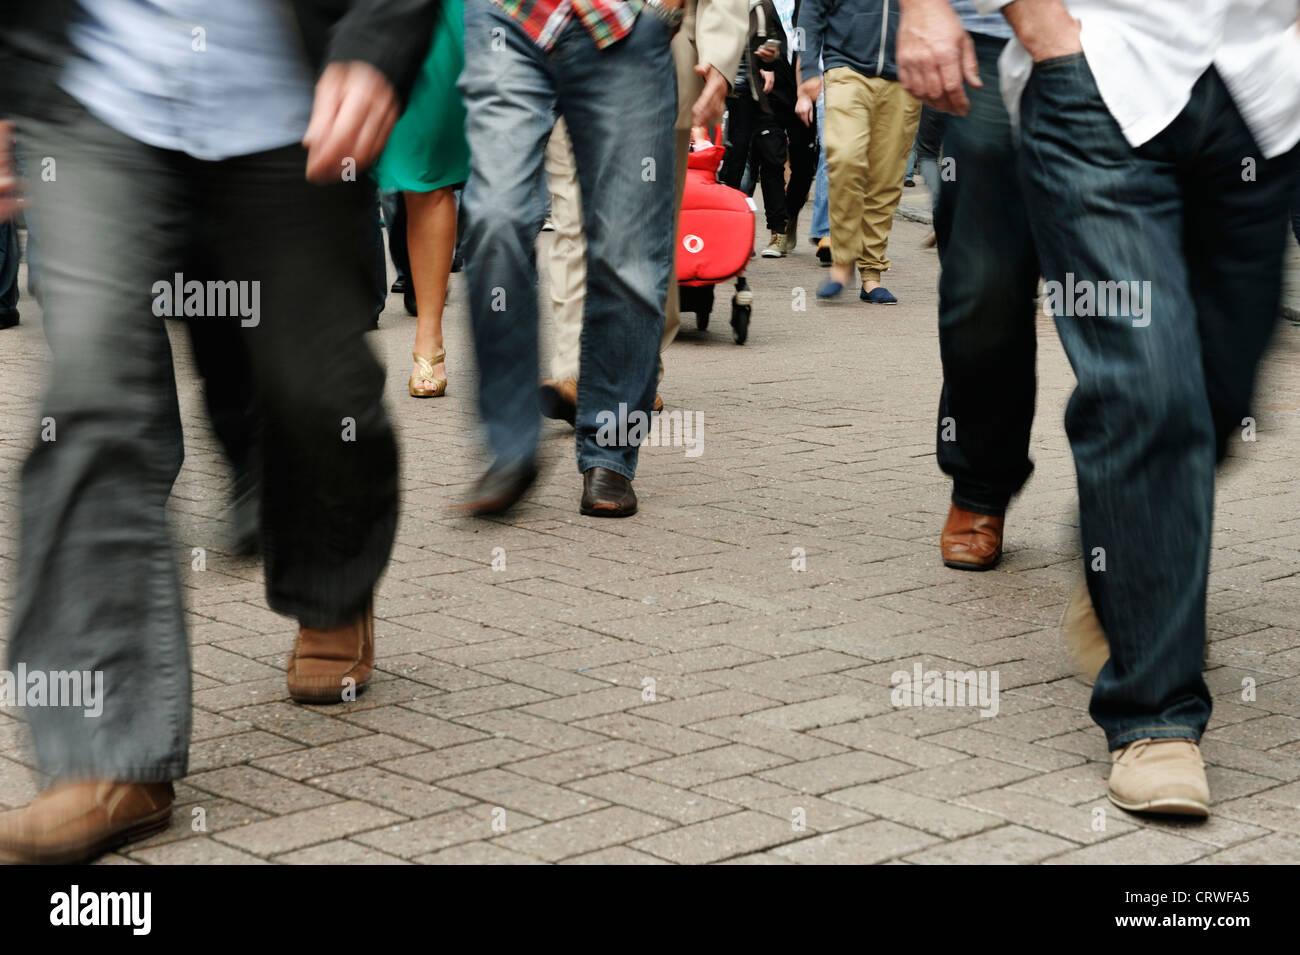 Multitudes de personas con desenfoque de movimiento Imagen De Stock